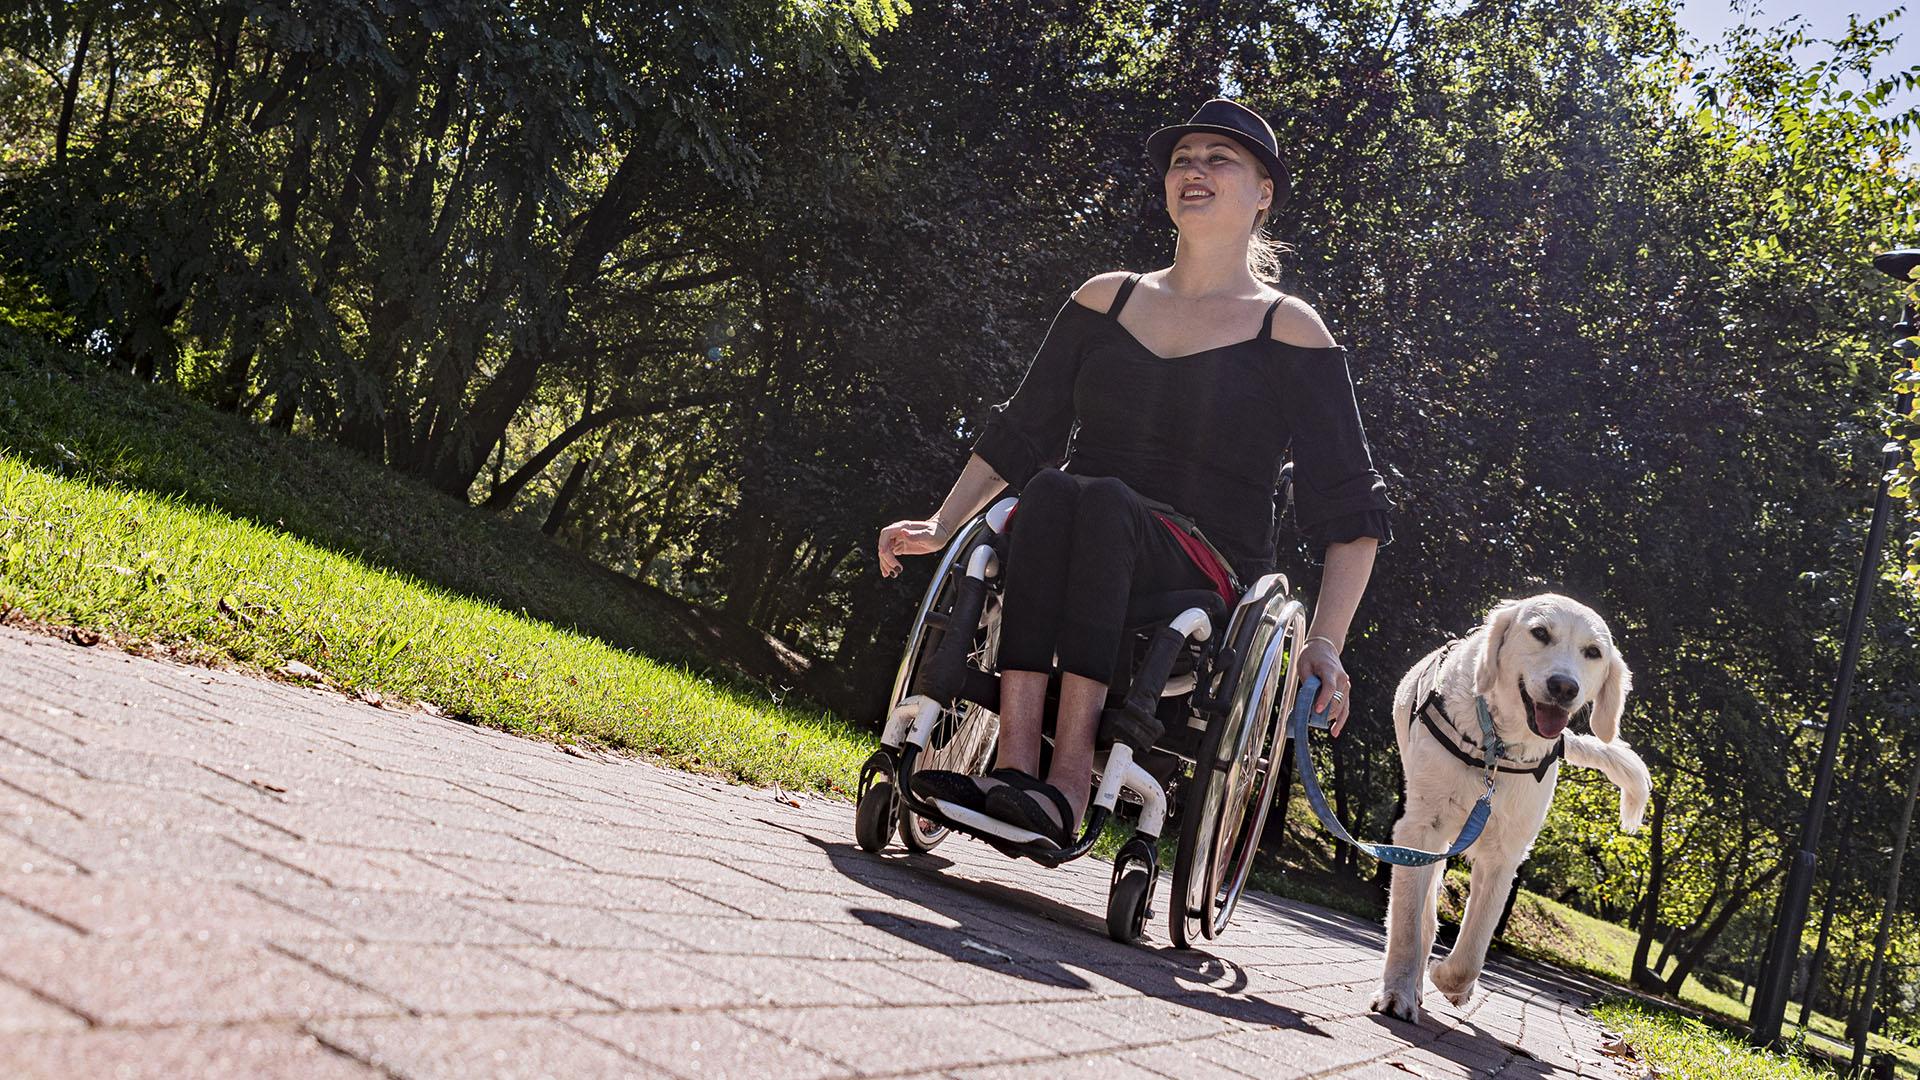 akadálymentesített belicza bea golden retriever kerekes-székes kerekesszék kettes típusú diabétesz kutya mészáros gabriella zéti mozgássérült emberek önálló élet egyesület mozgássérült iskola önbizalom segítő kutya sejtanyagcsere-zavar személyiségfejlődés vak lány